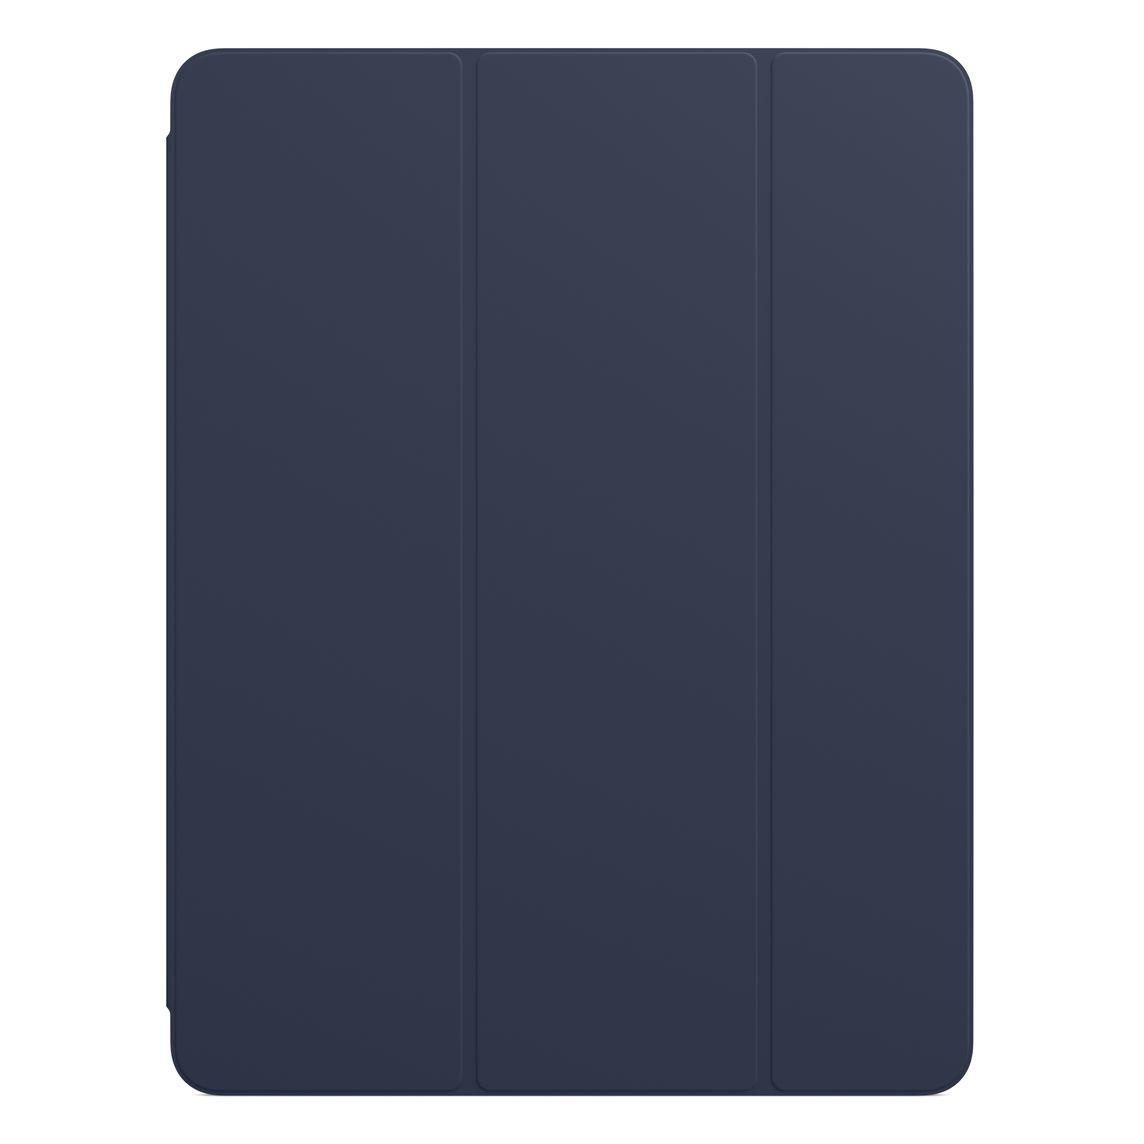 Apple 태블릿PC 스마트 폴리오, 딥 네이비(MJMJ3FE/A)